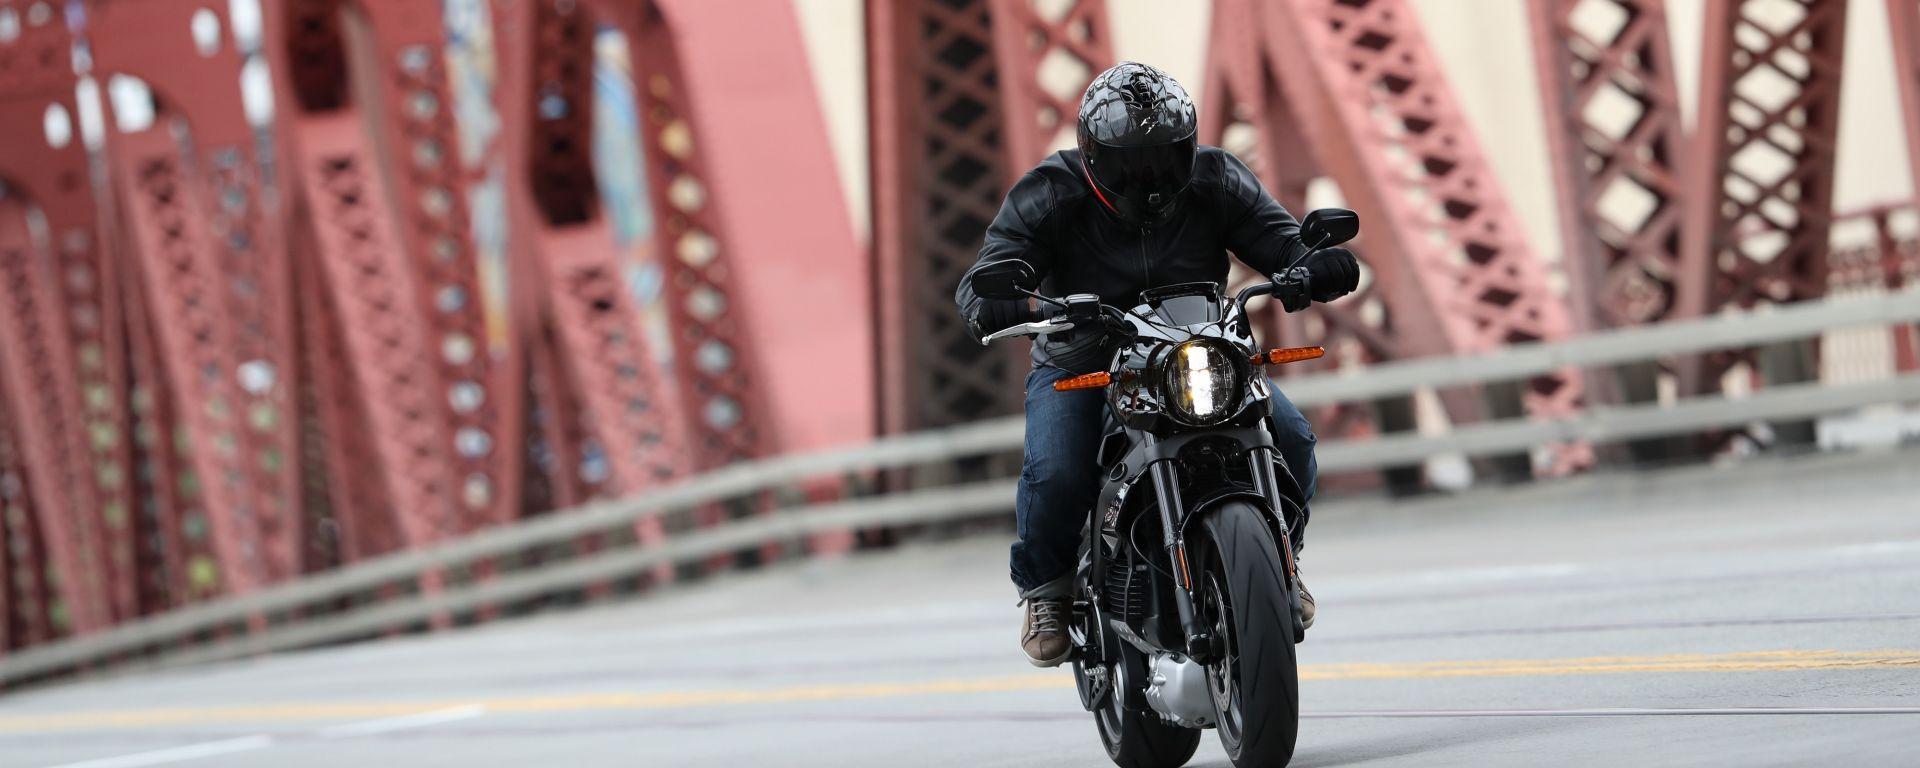 1.700 km in 24 ore, il record della Harley-Davidson Livewire